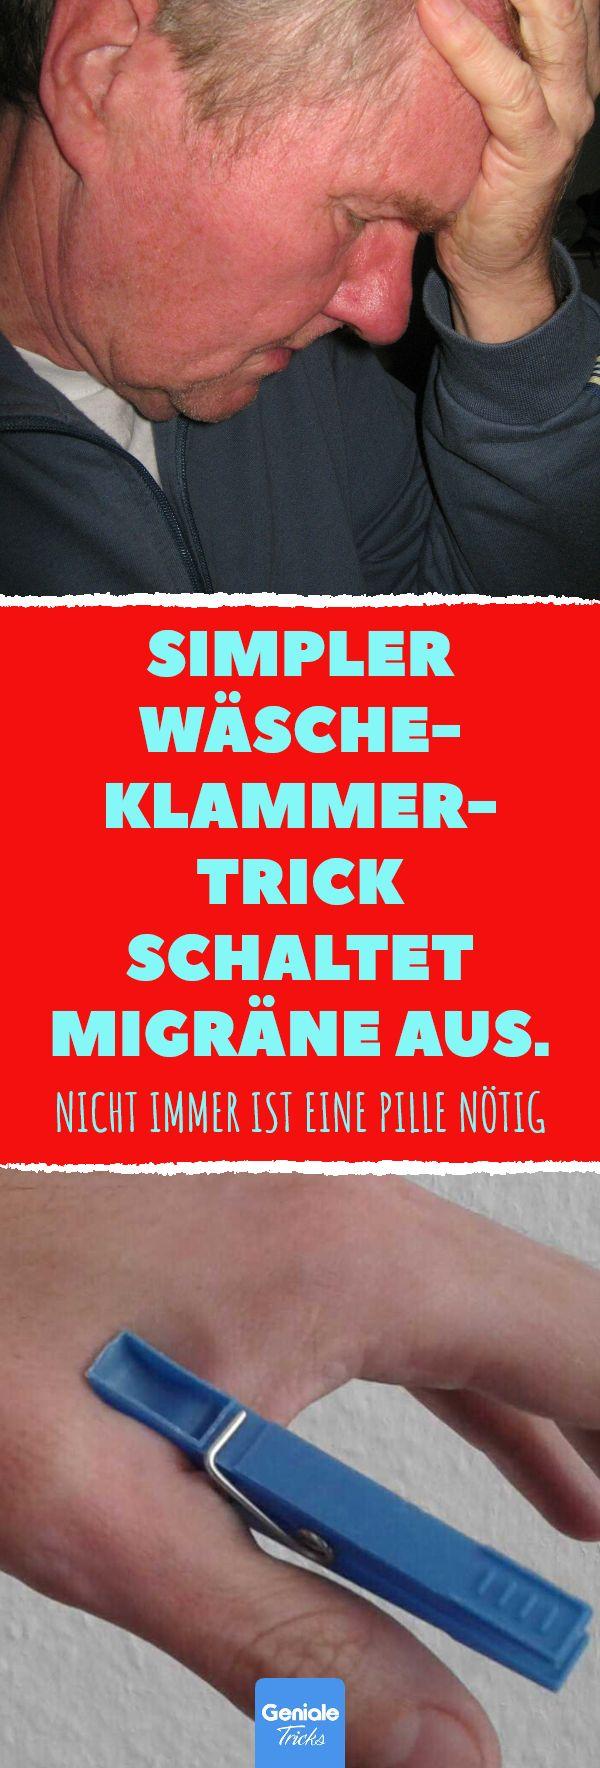 Simpler Wäscheklammer-Trick schaltet Migräne aus. Wäscheklammer als wirksame … Geniale Tricks